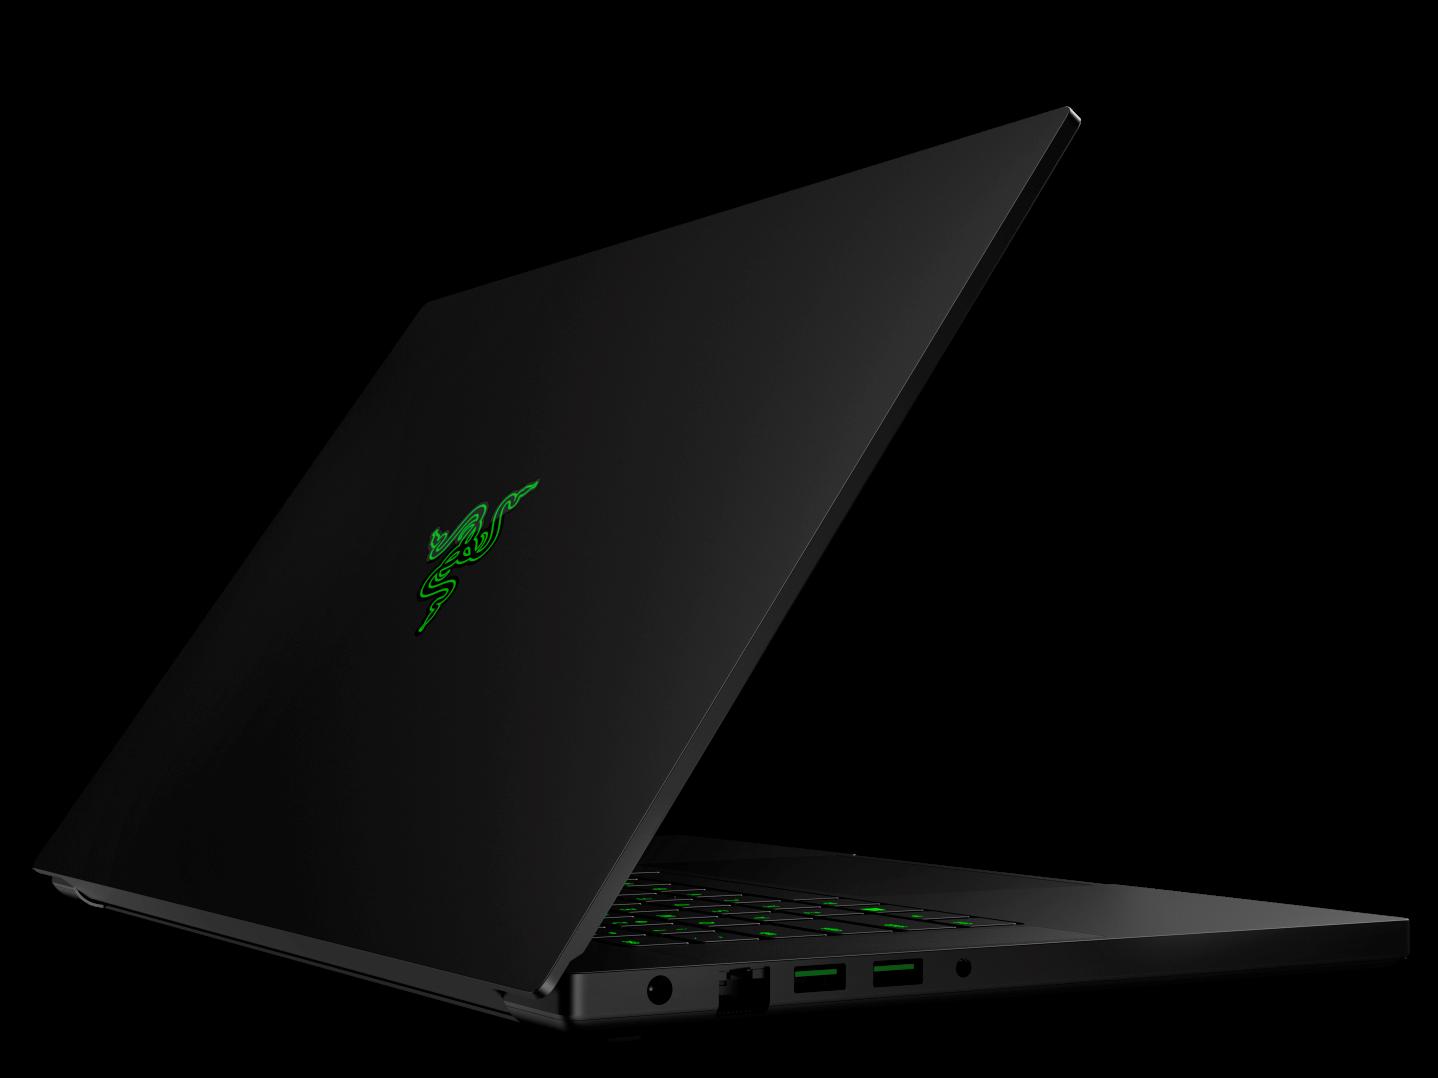 Razer Blade 15 Base Gaming Laptop 2020: Intel Core i7-10750H 6-Core, NVIDIA GeForce RTX 2060, 15.6